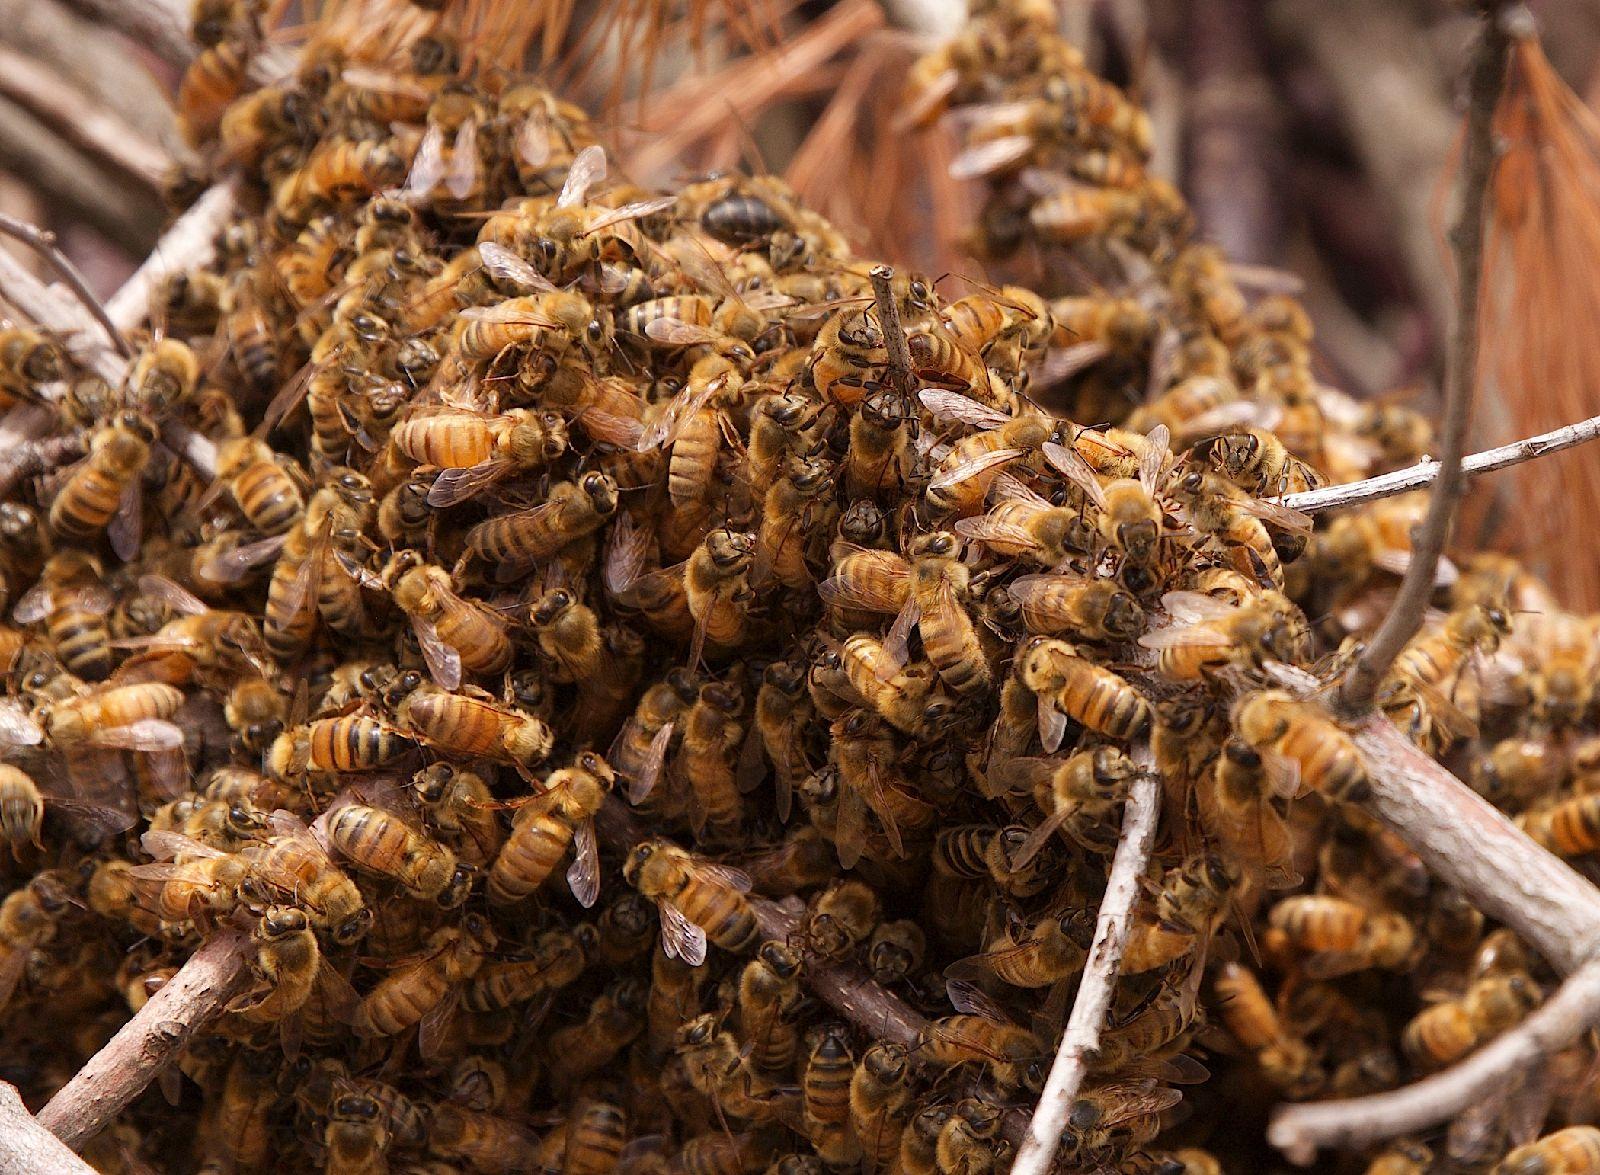 bees_6_17.jpg